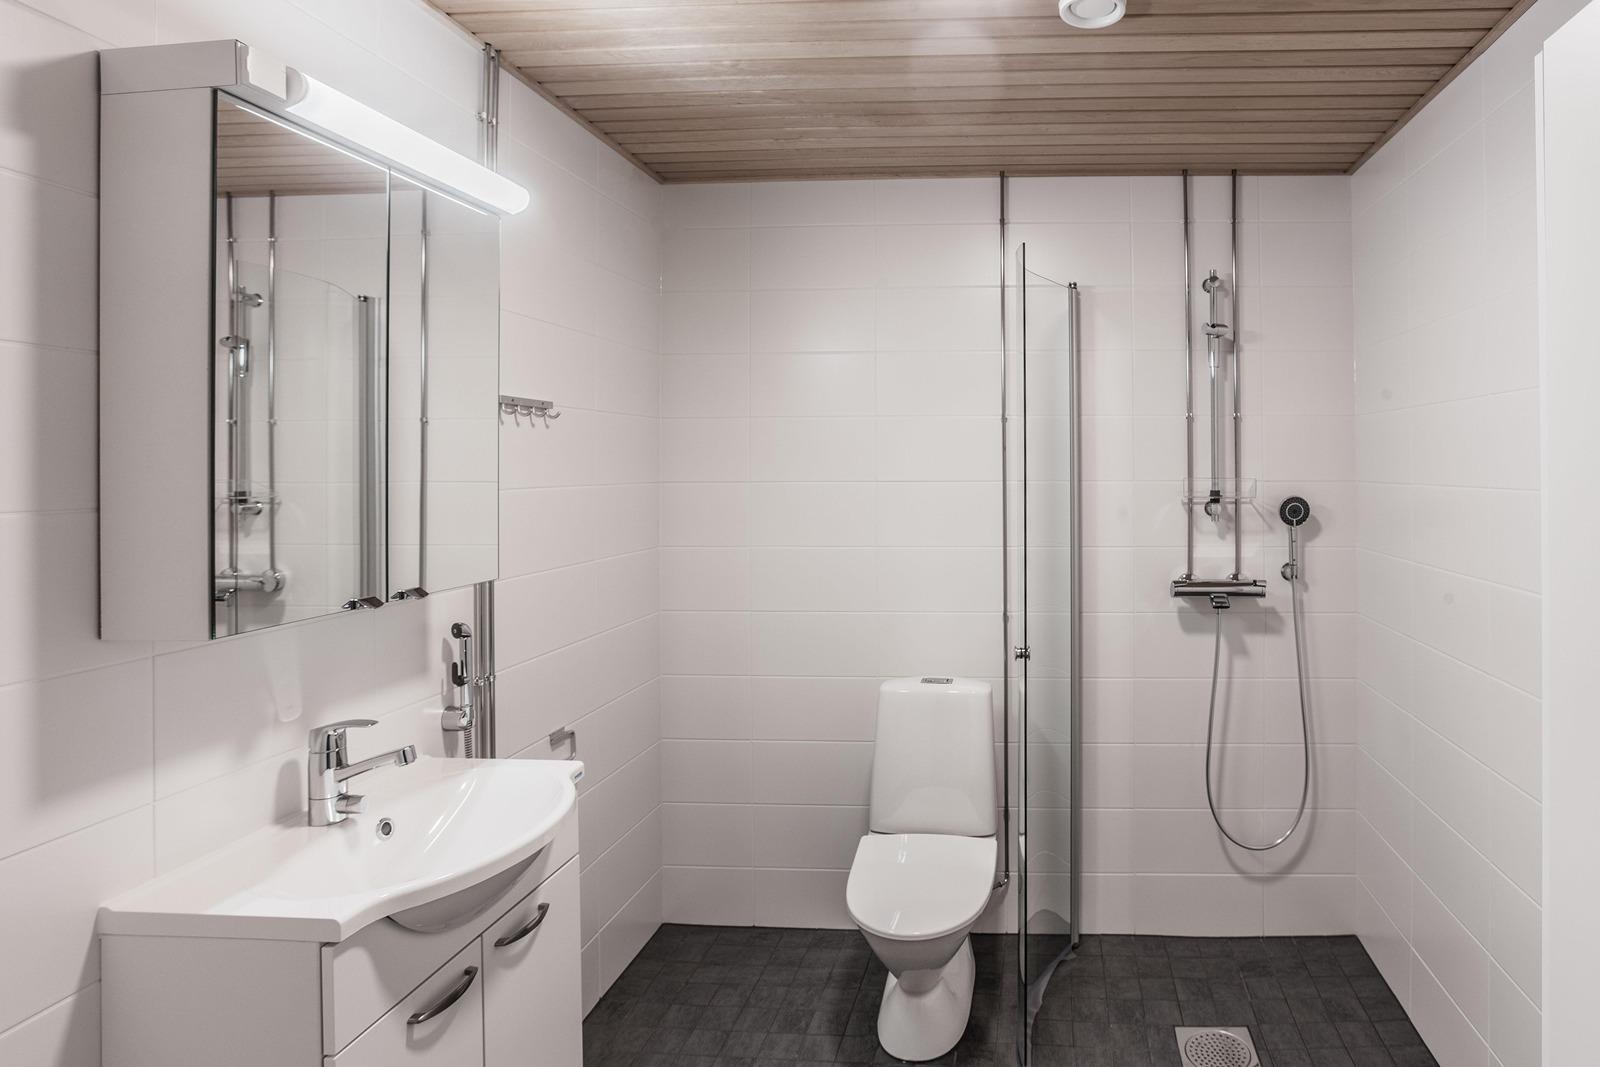 Kuva saman kokoisesta asunnosta A29